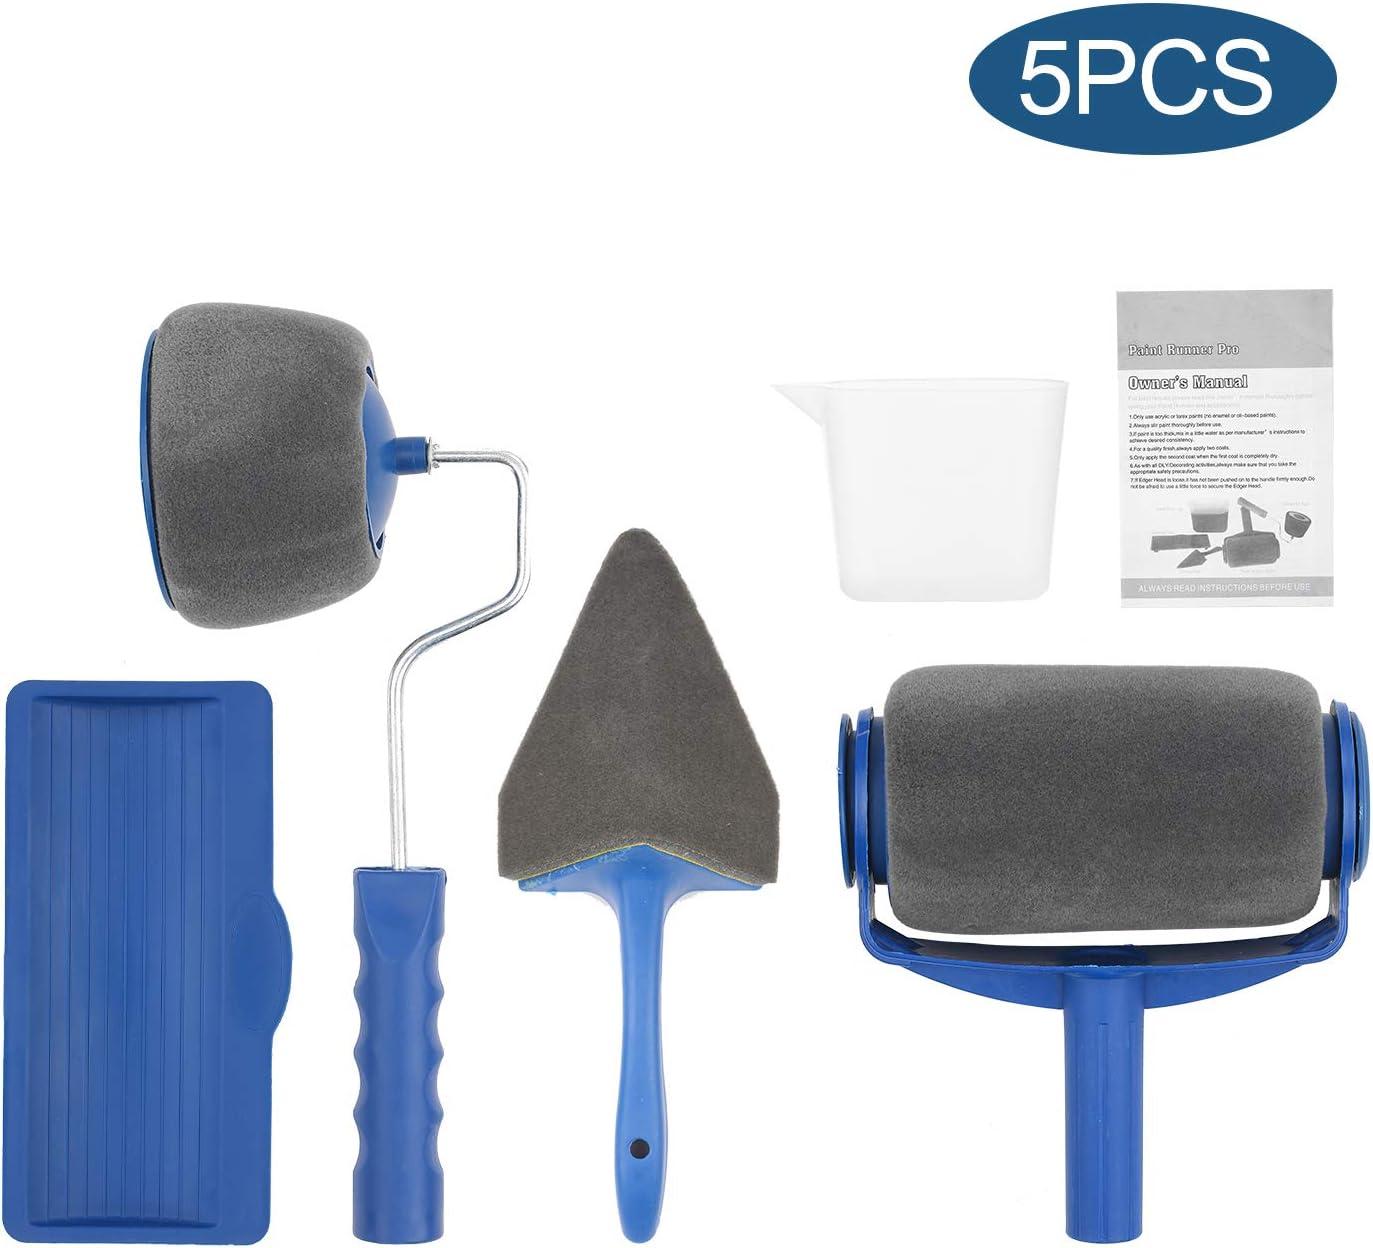 Kecheer herramienta de pintura pared,rodillo de pintura pared kit,juego de rodillos de pintura,pincel de rodillo pincel de esquina